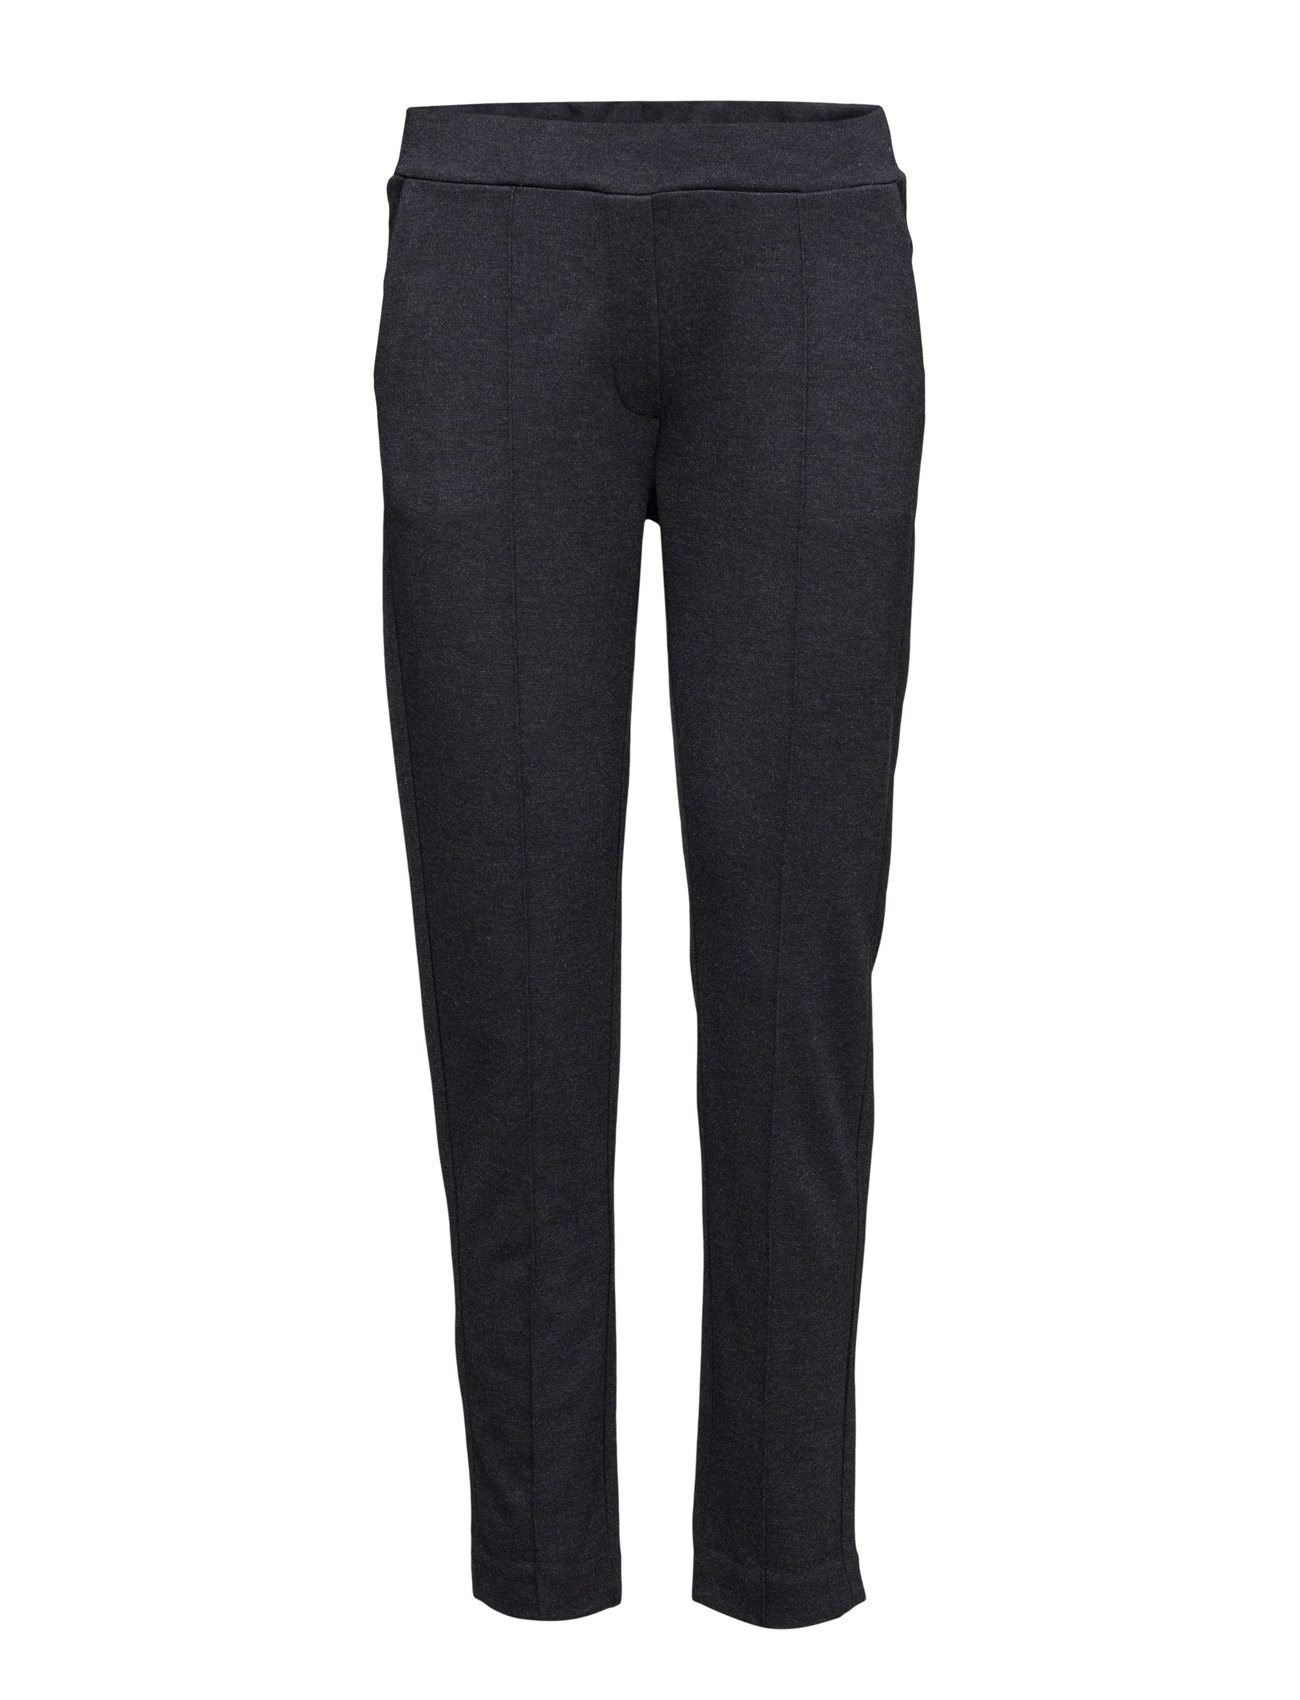 Rachel 088 Comfy Navy, Pants 2nd One Casual bukser til Damer i